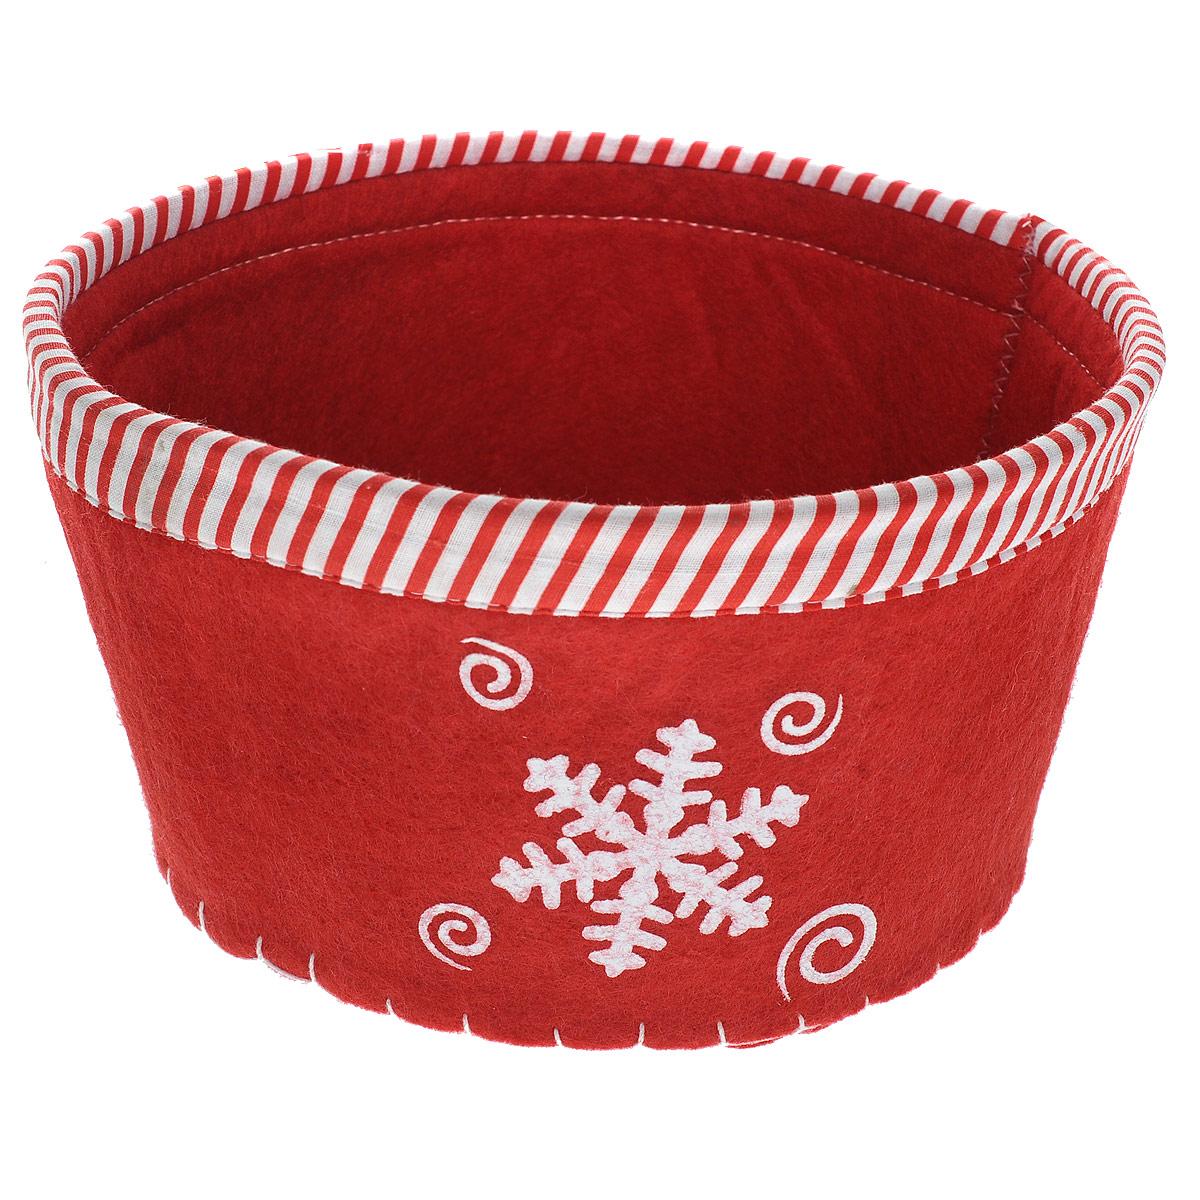 Сухарница House & Holder Снежинка, цвет: красный. 117003117003Оригинальная сухарница House & Holder Снежинка, выполненная из фетра, декорирована отстрочкой и текстильной окантовкой по краю, а также рисунком снежинки. Сухарница станет необычным дополнением к праздничному столу, послужит приятным и полезным сувениром для близких и родных.